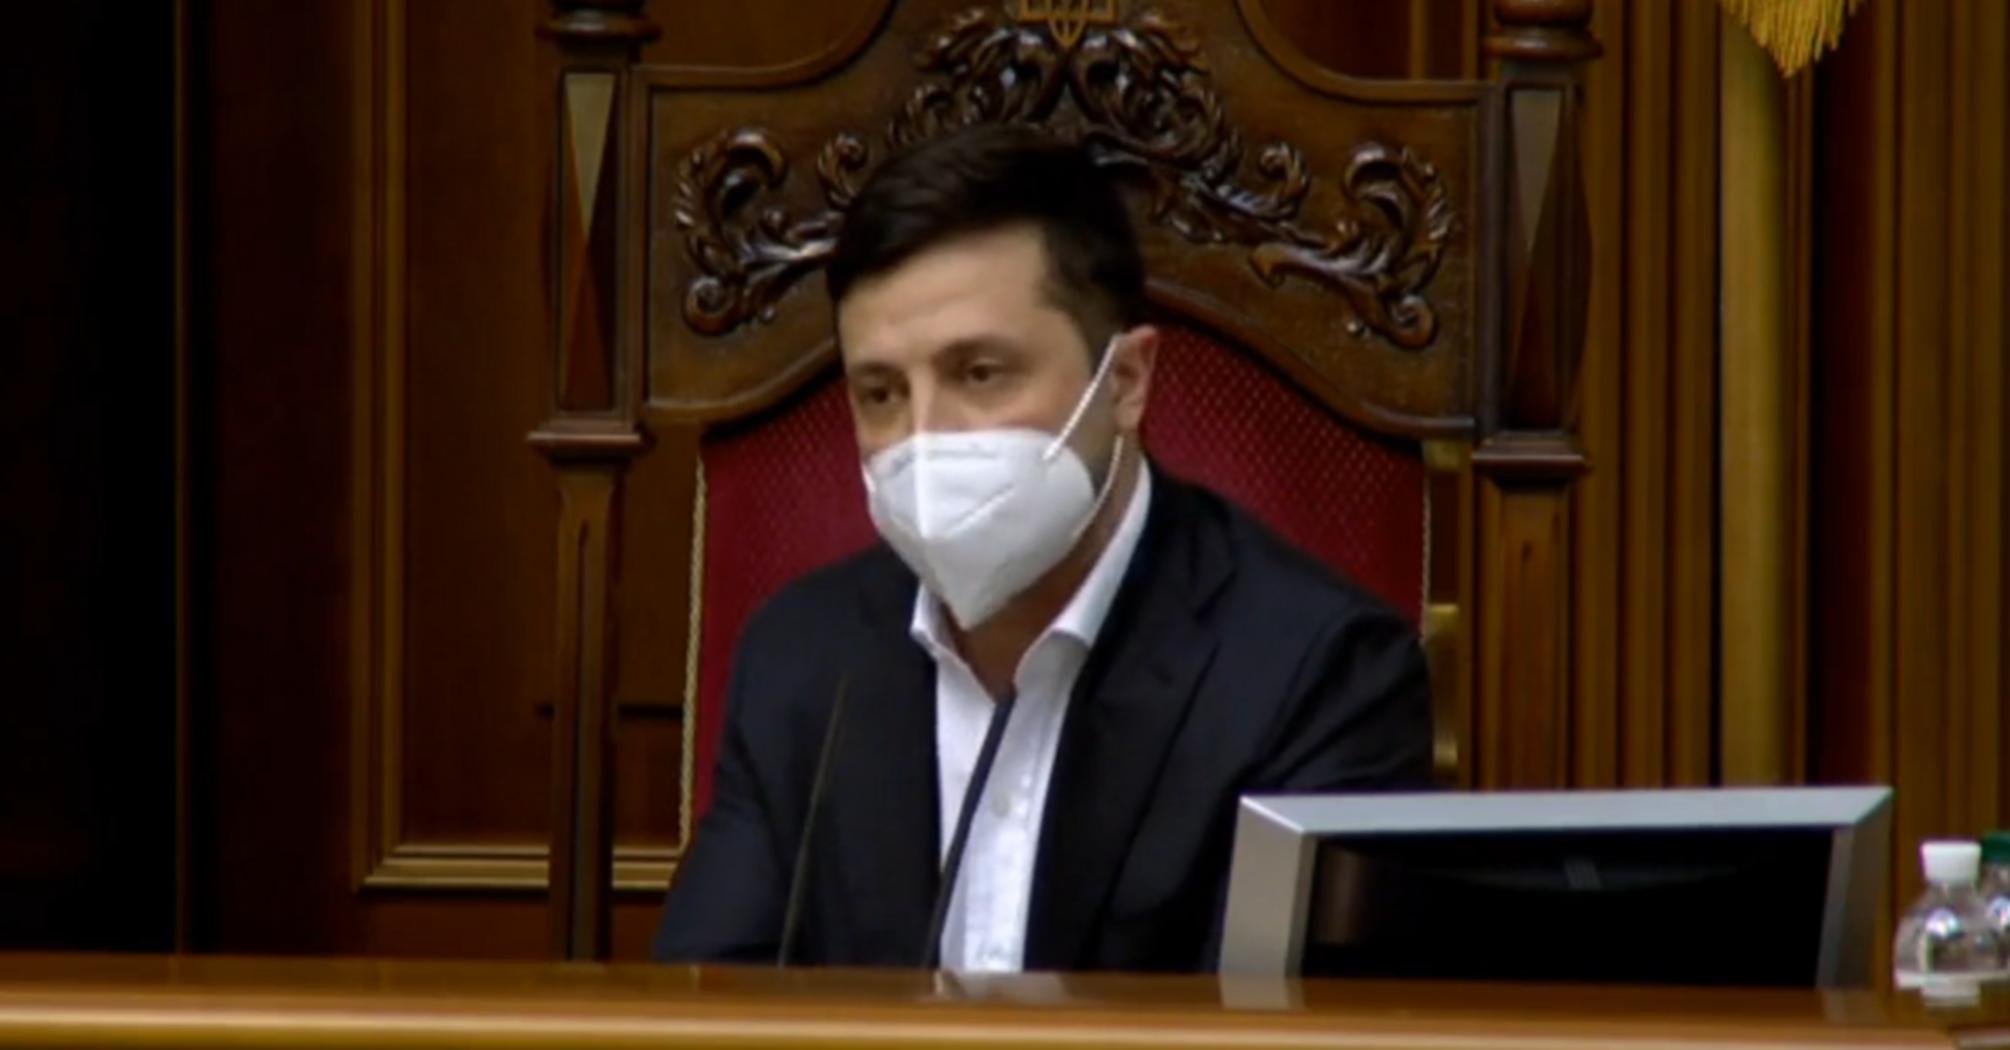 Володимир Зеленський в масці